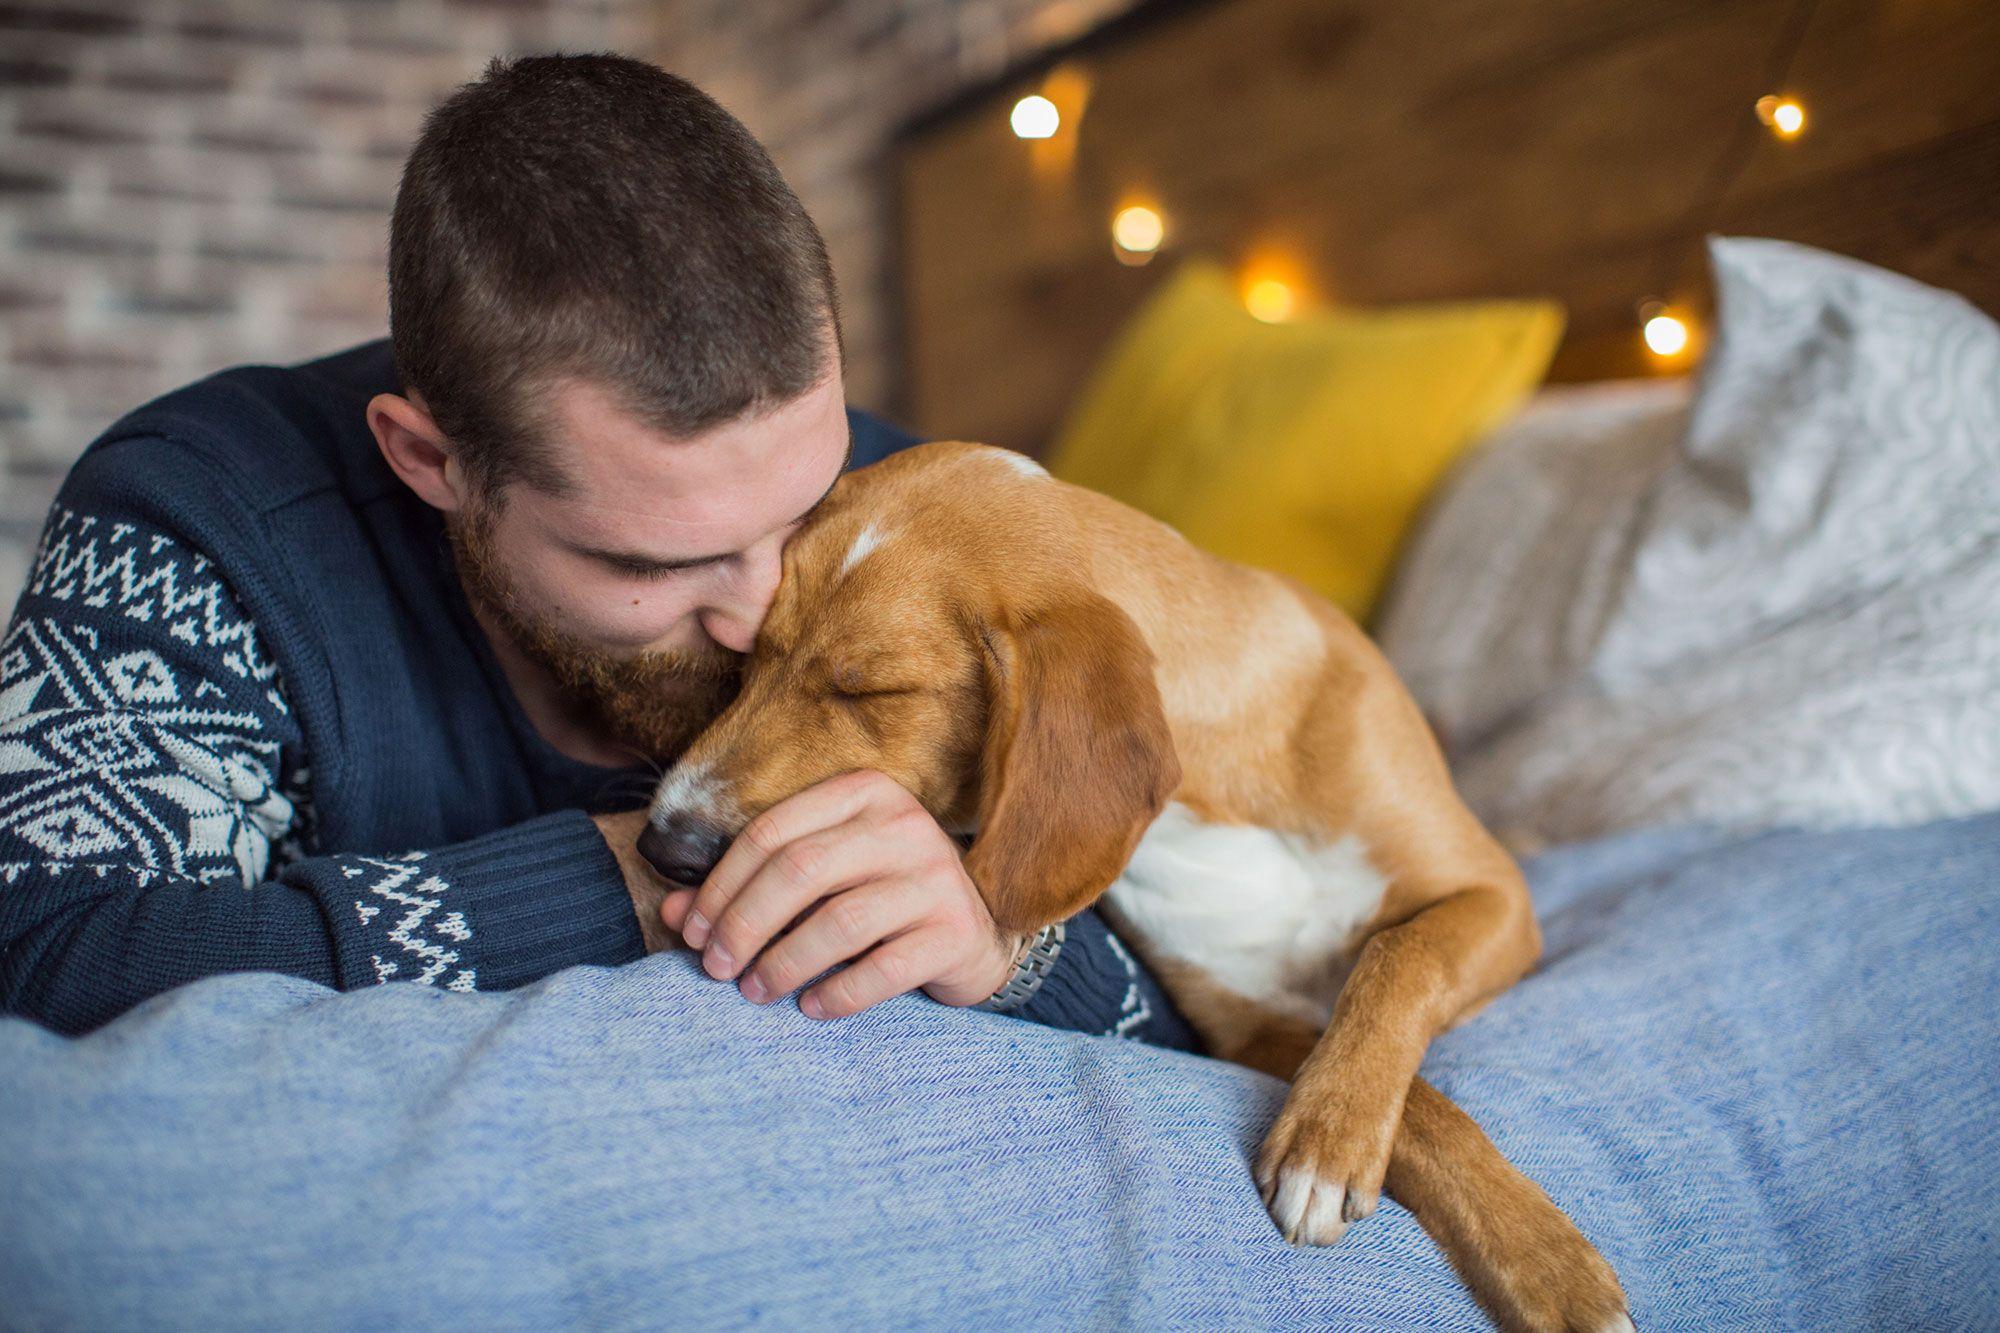 Mascota y dueño apenados por el fallecimiento de su compañero